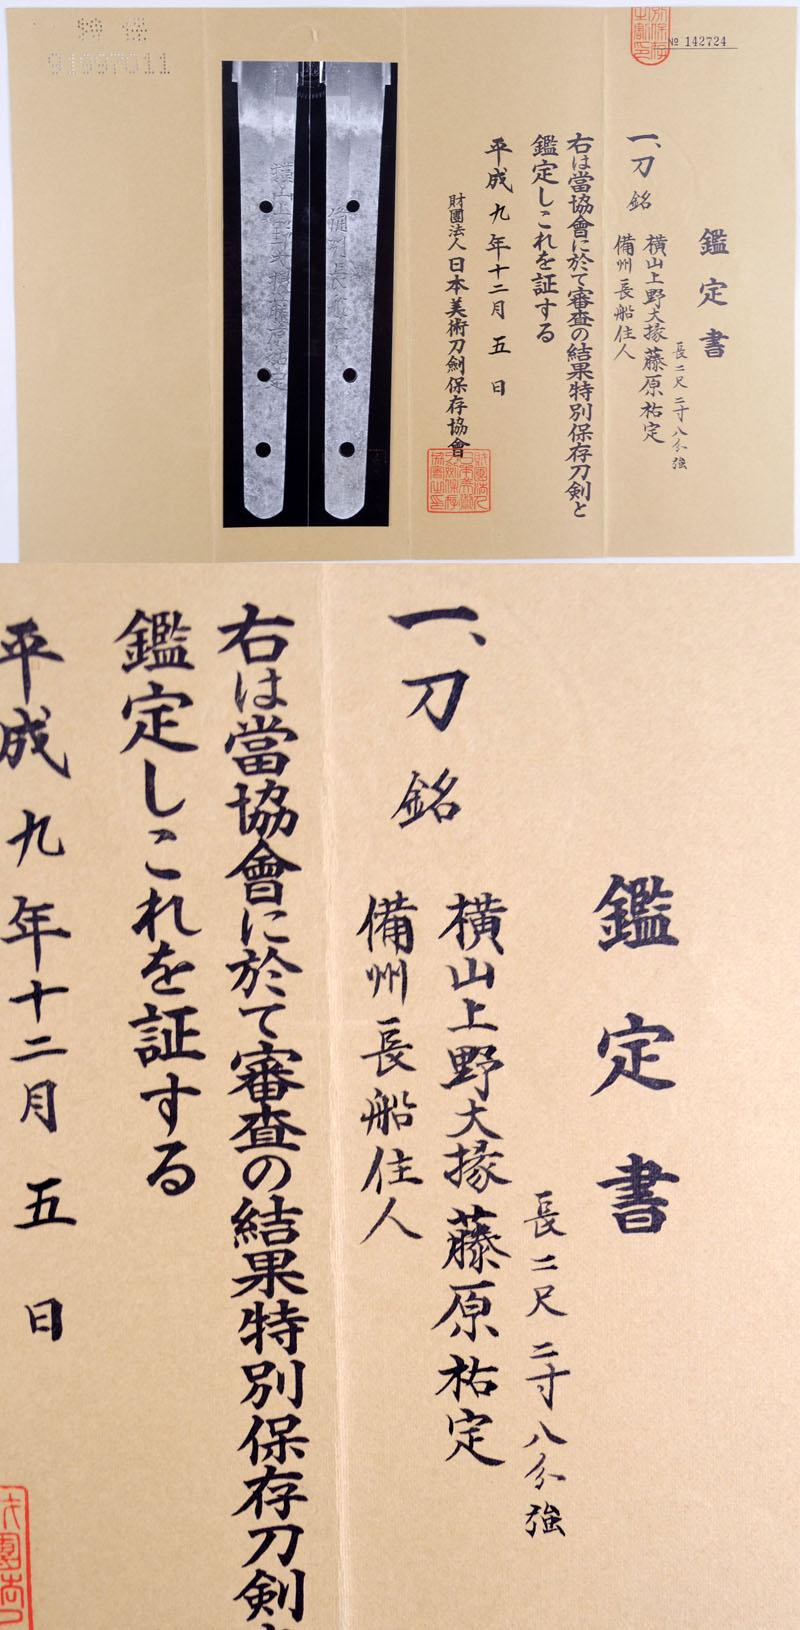 横山上野大掾藤原祐定 Picture of Certificate